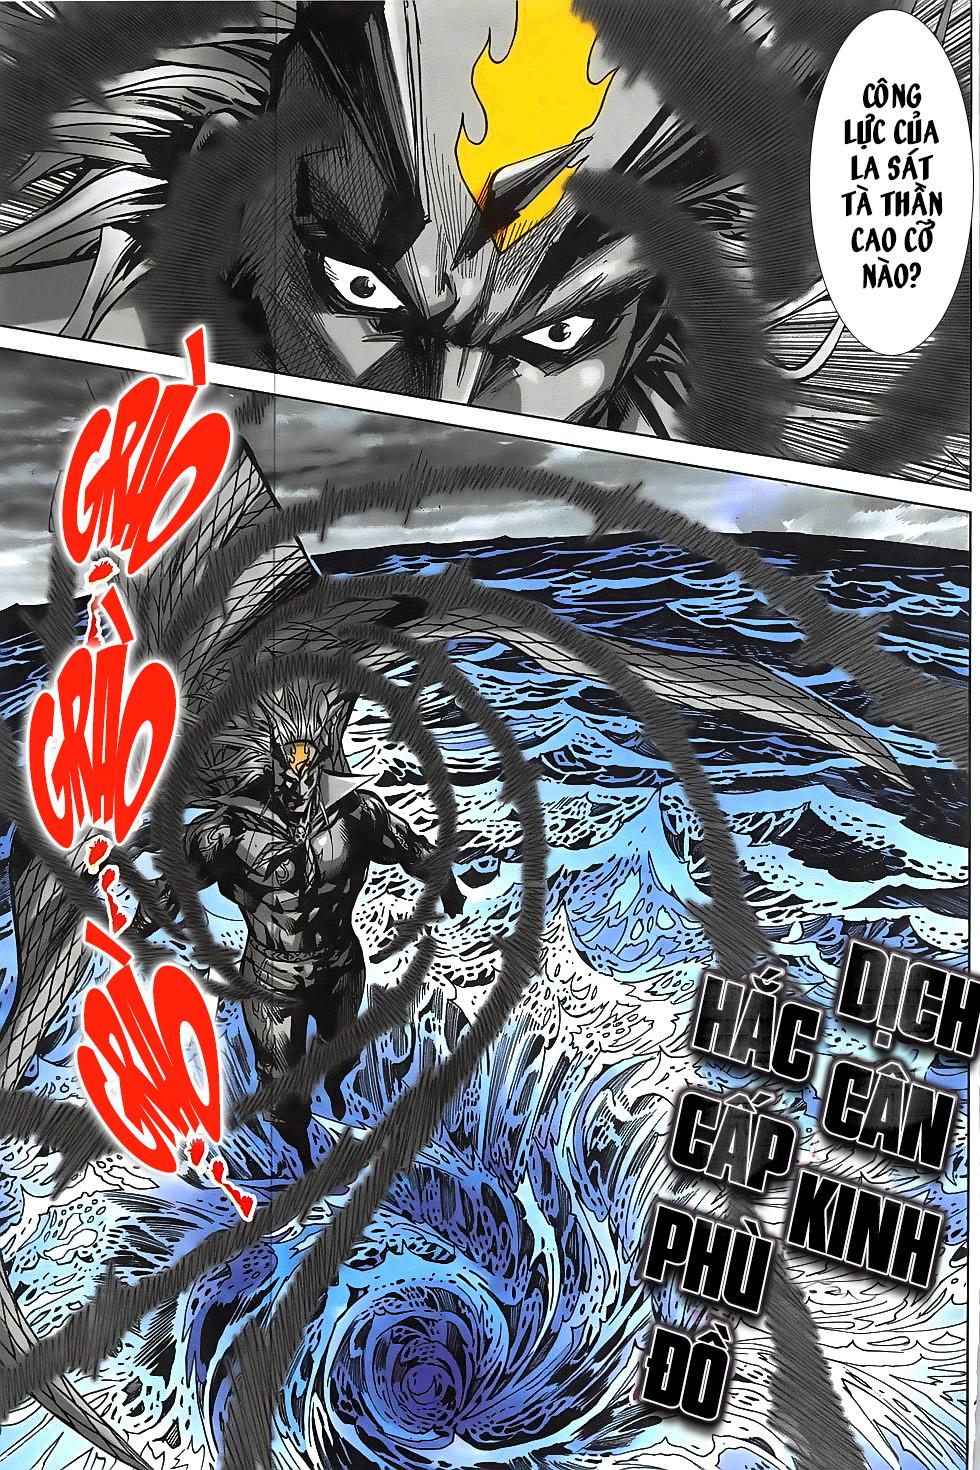 Hoàng Giả Chi Lộ chap 12.2 Trang 13 - Mangak.info